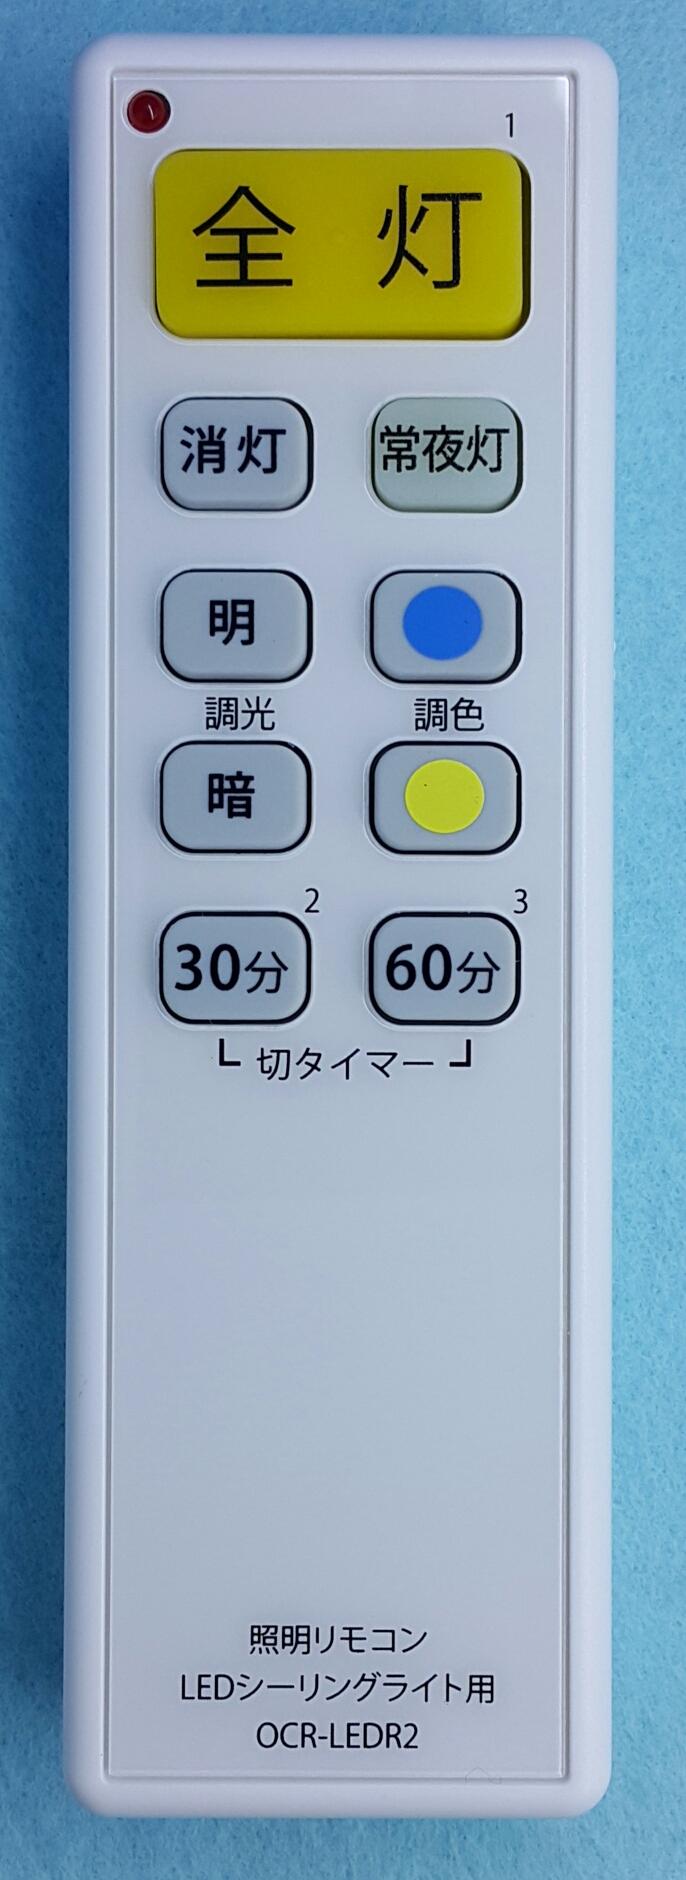 KOIZUMI_OCR-LEDR2_2312_L0176 8877_LAMP_cover.png